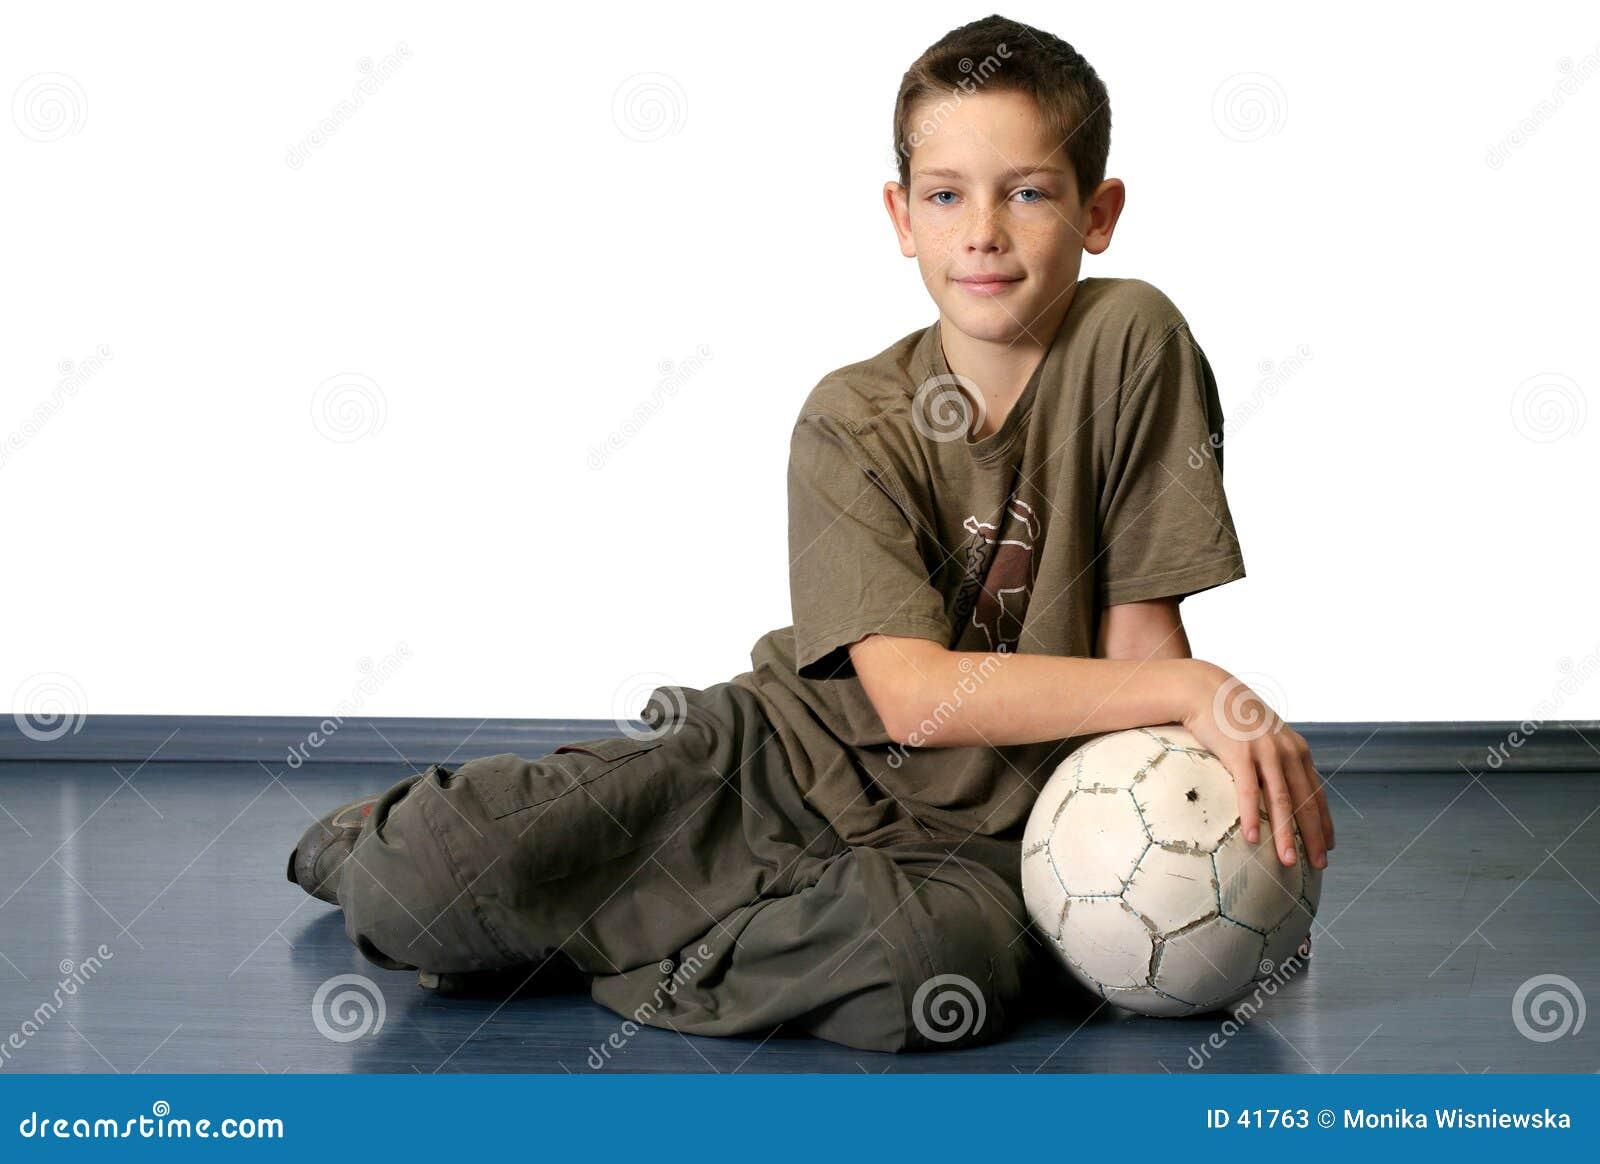 Junge mit Fußball-Kugel